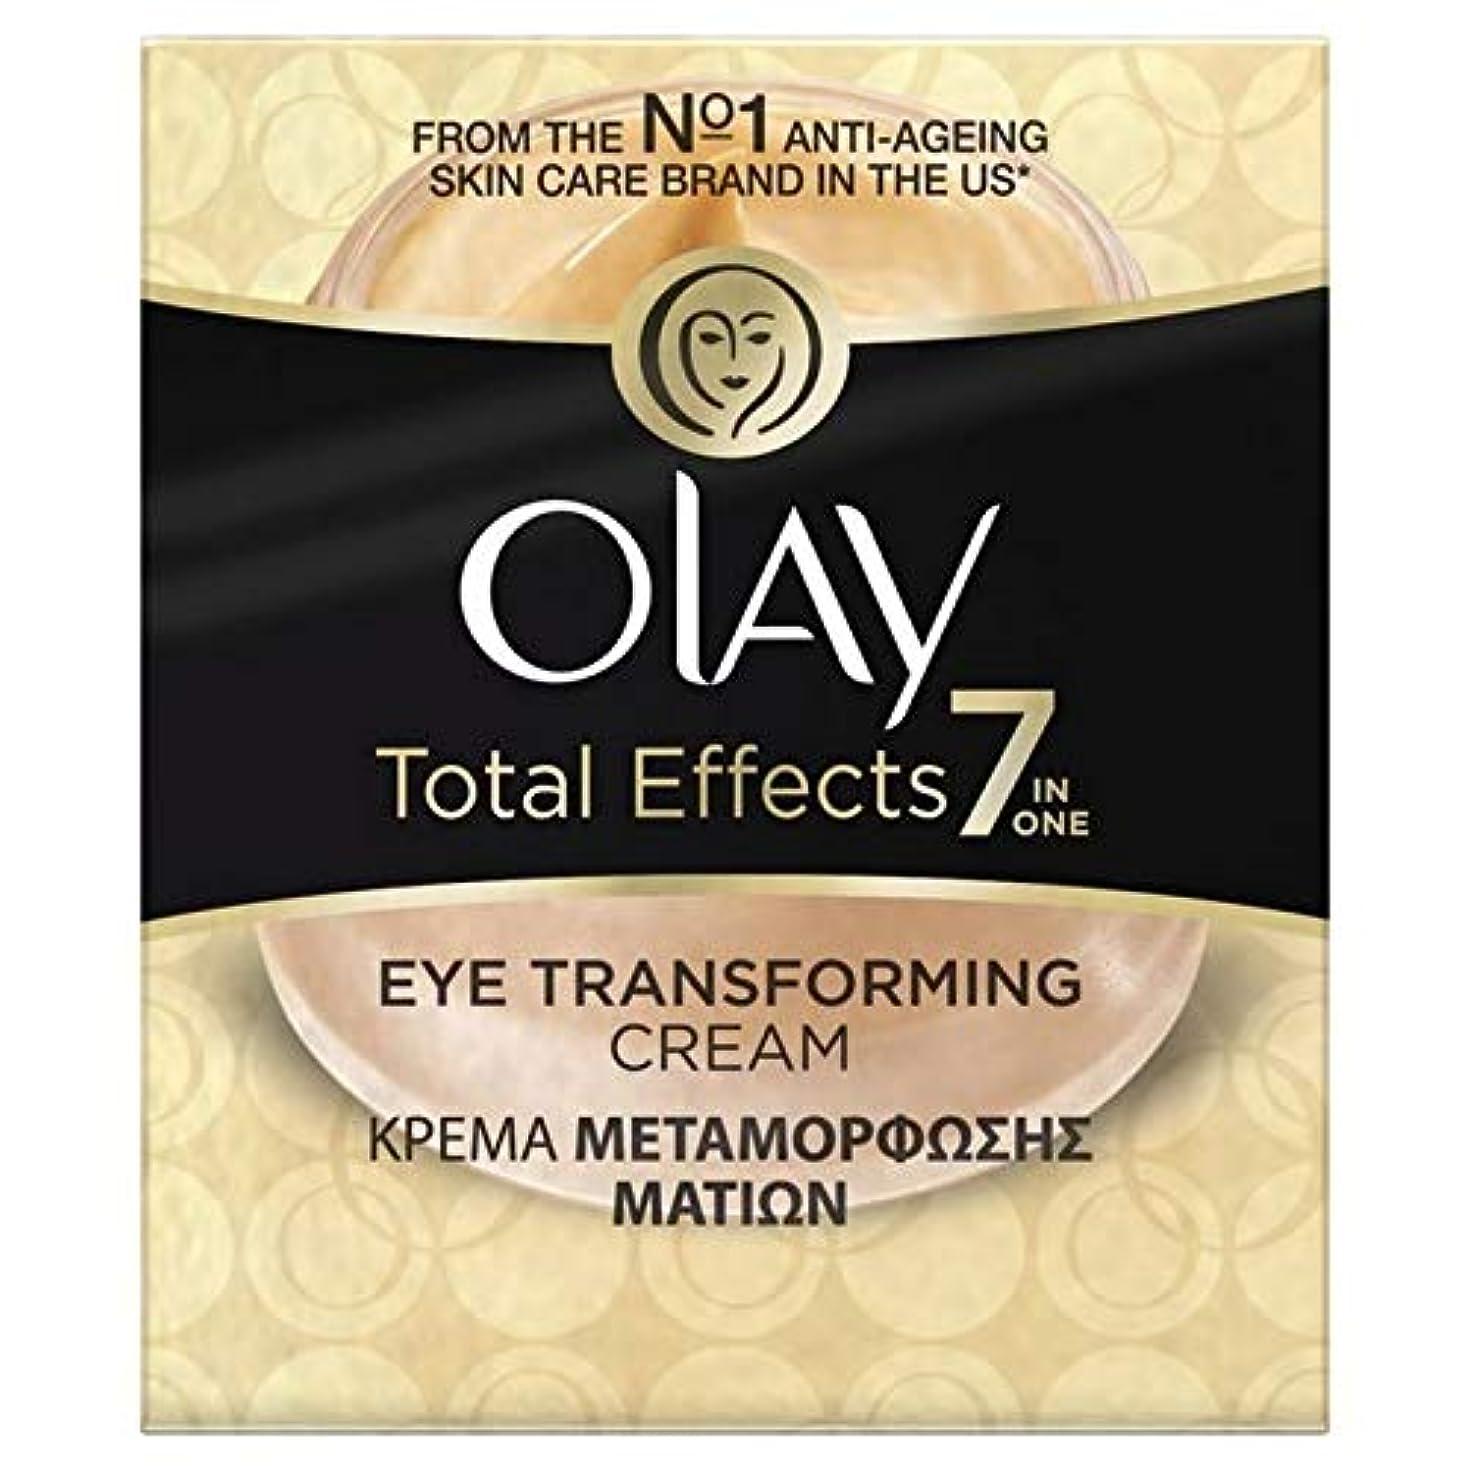 軽食あそこキャラクター[Olay] オーレイ総効果眼変換クリーム15Ml - Olay Total Effects Eye Transforming Cream 15ml [並行輸入品]